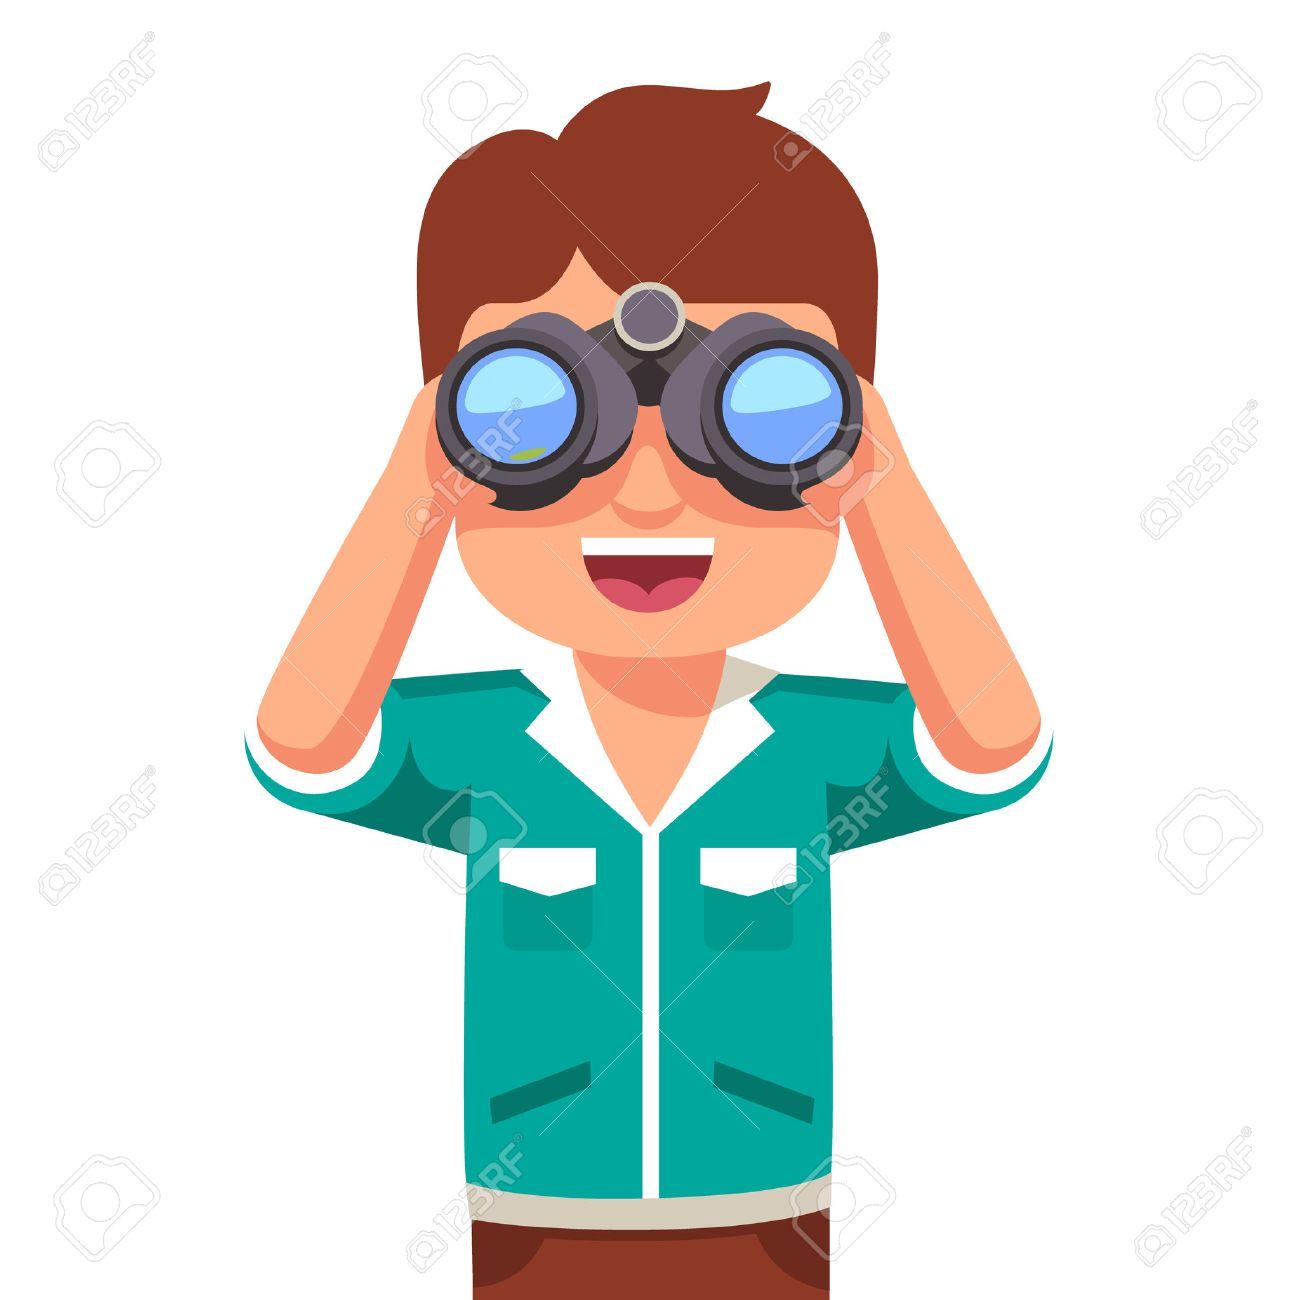 幸せと好奇心が強い男の子子供双眼鏡でみる。フラット スタイル